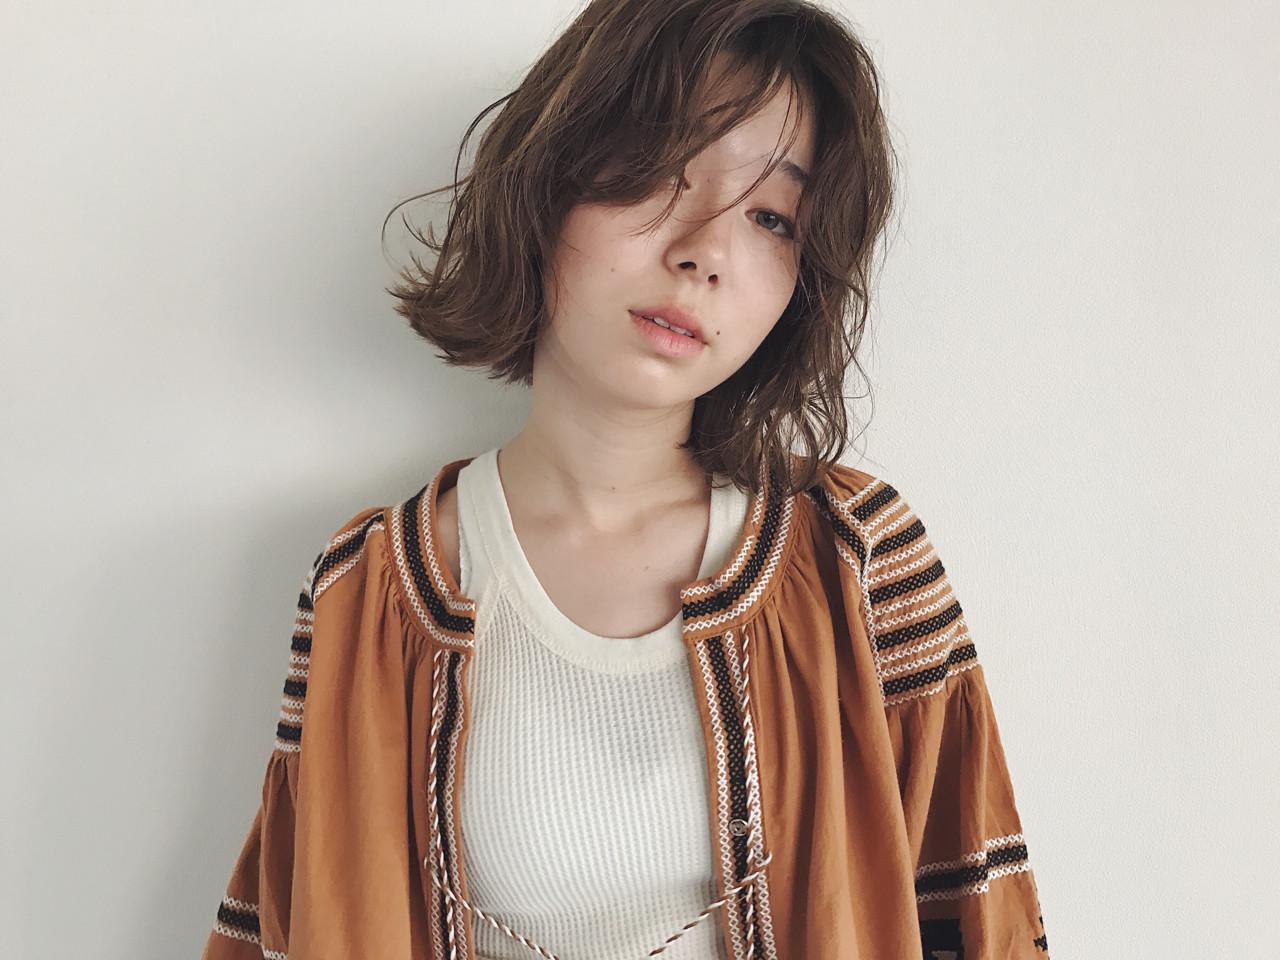 斜め前髪 ボブ 色気 前髪あり ヘアスタイルや髪型の写真・画像 | 鶴野 智恵子 / Avenz.foundation